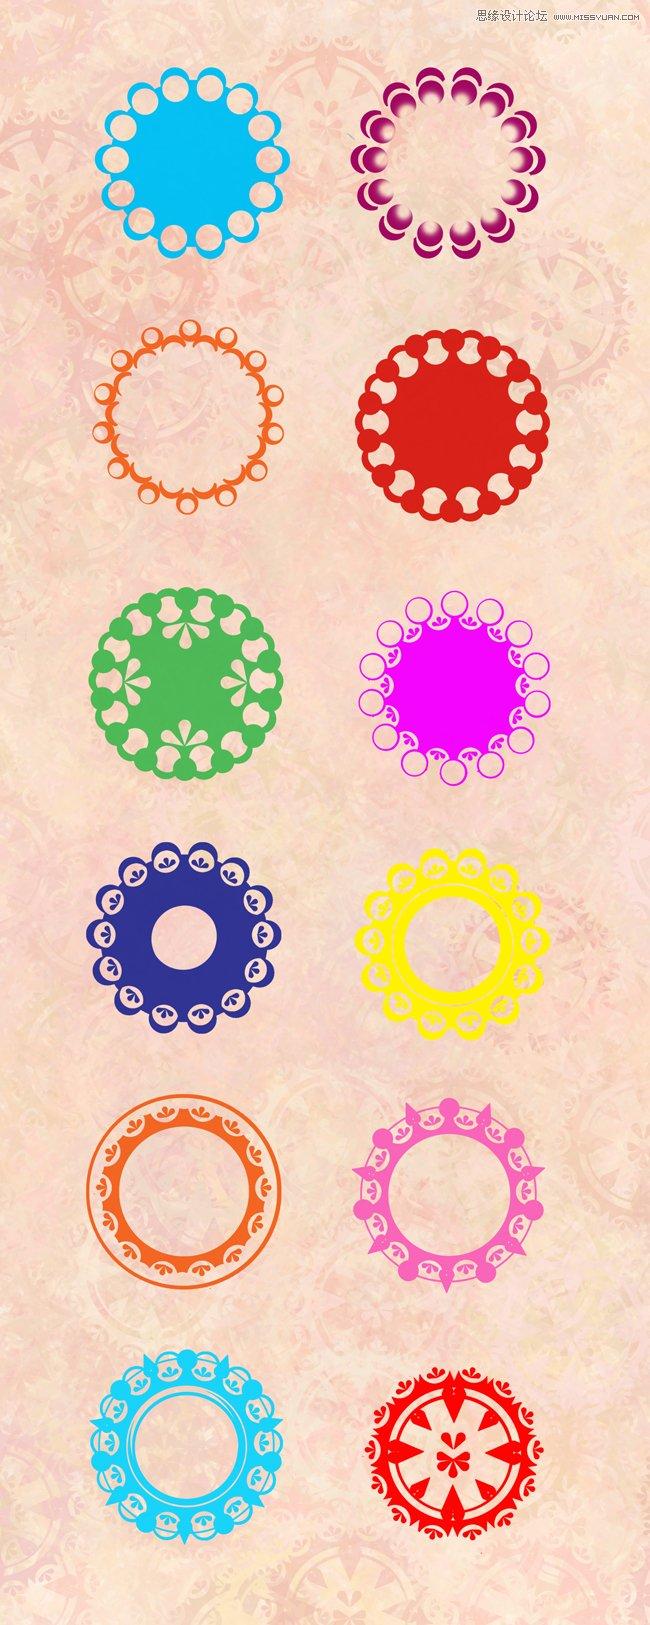 时尚唯美欧式花纹笔刷 时尚唯美的圆形花纹笔刷 时尚十字架花纹装饰